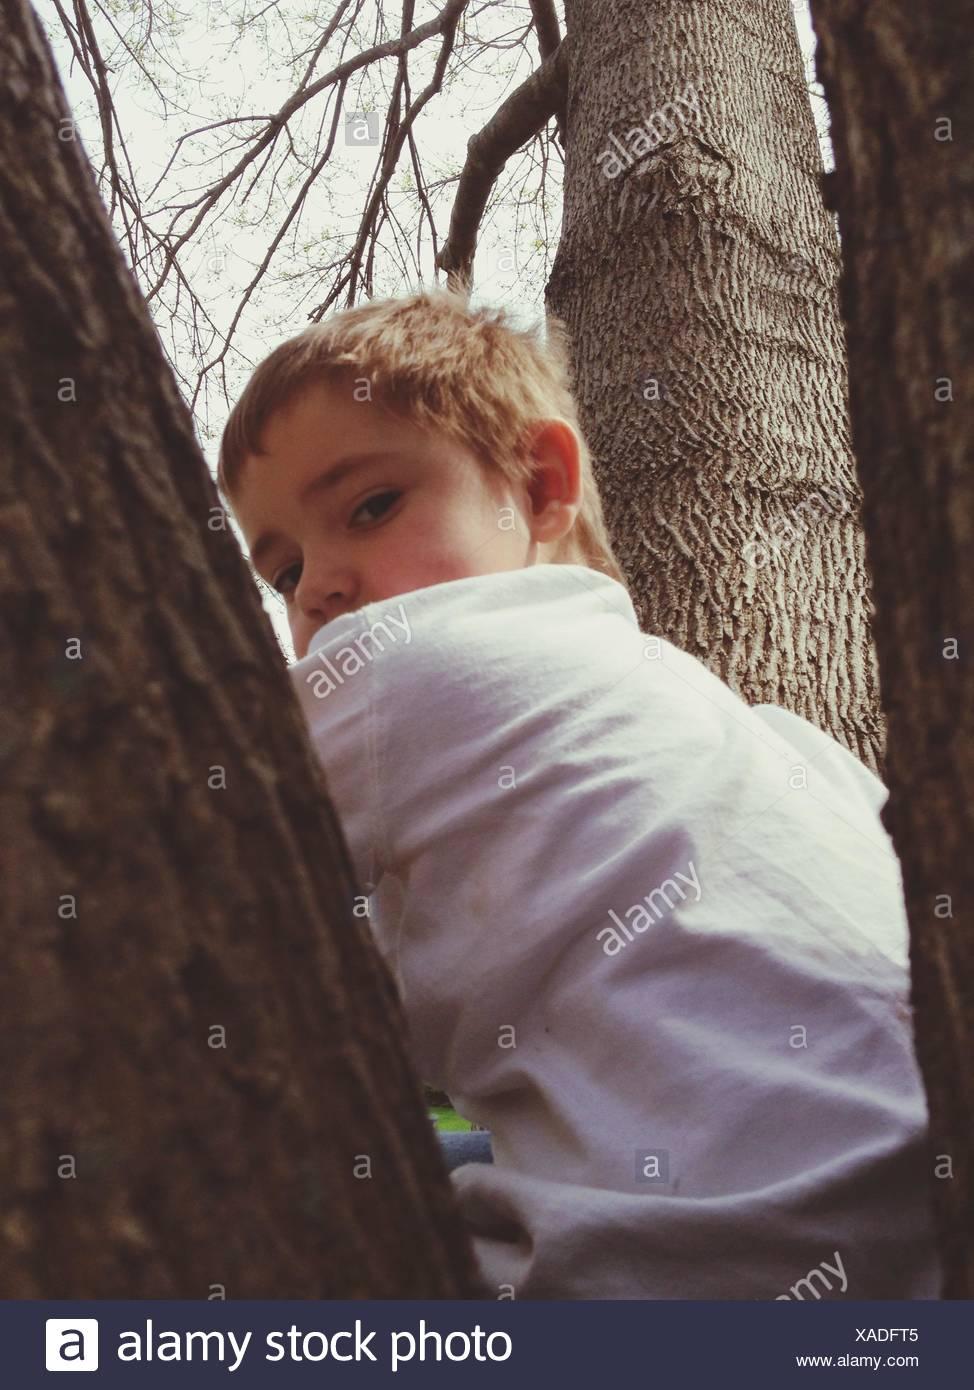 Retrato de muchacho sentado en el parque Imagen De Stock